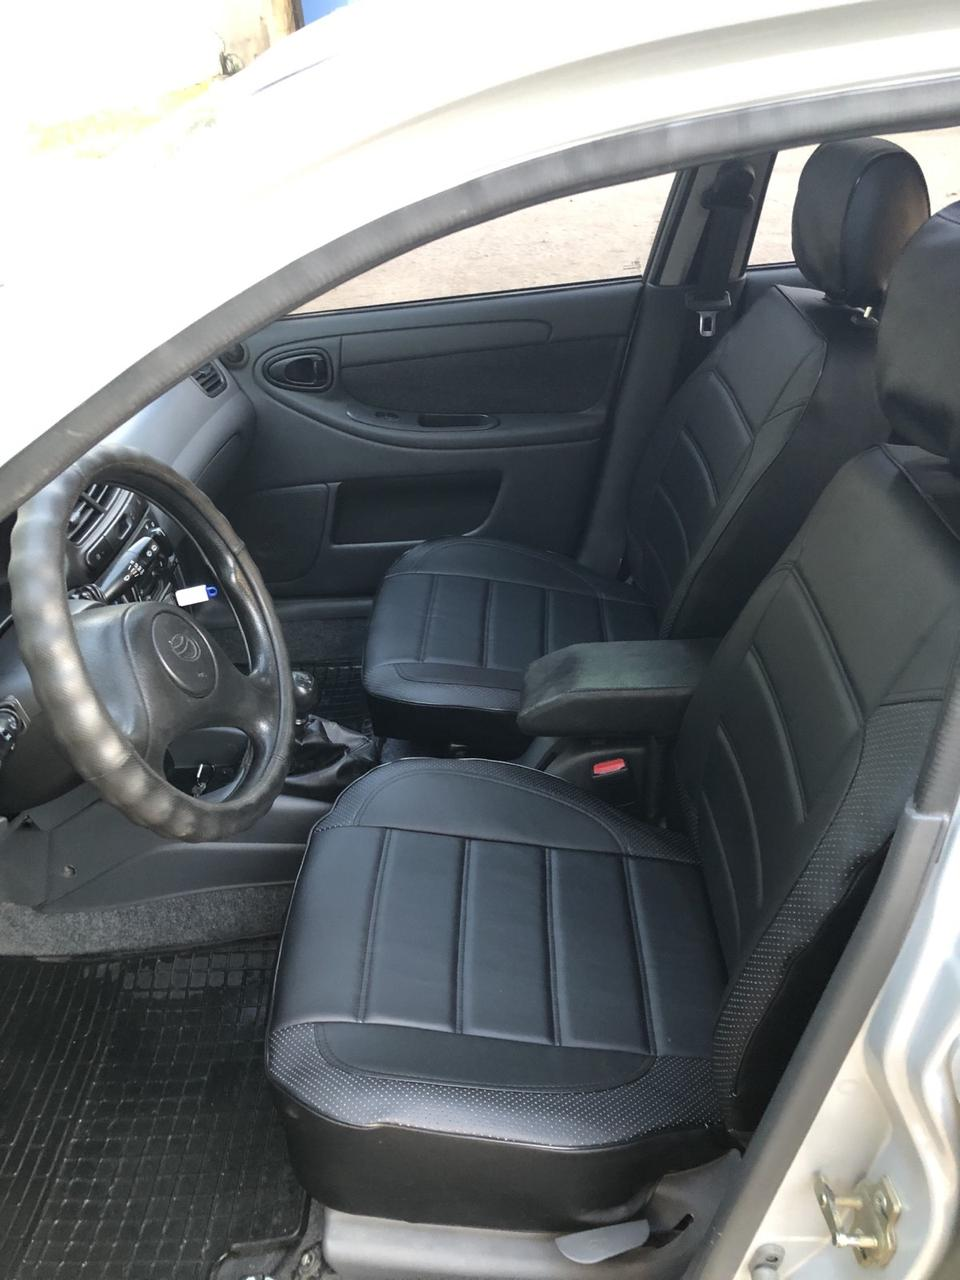 Чохли на сидіння КІА Маджентис (KIA Magentis) модельні MAX-L з екошкіри Чорний Чорно-білий